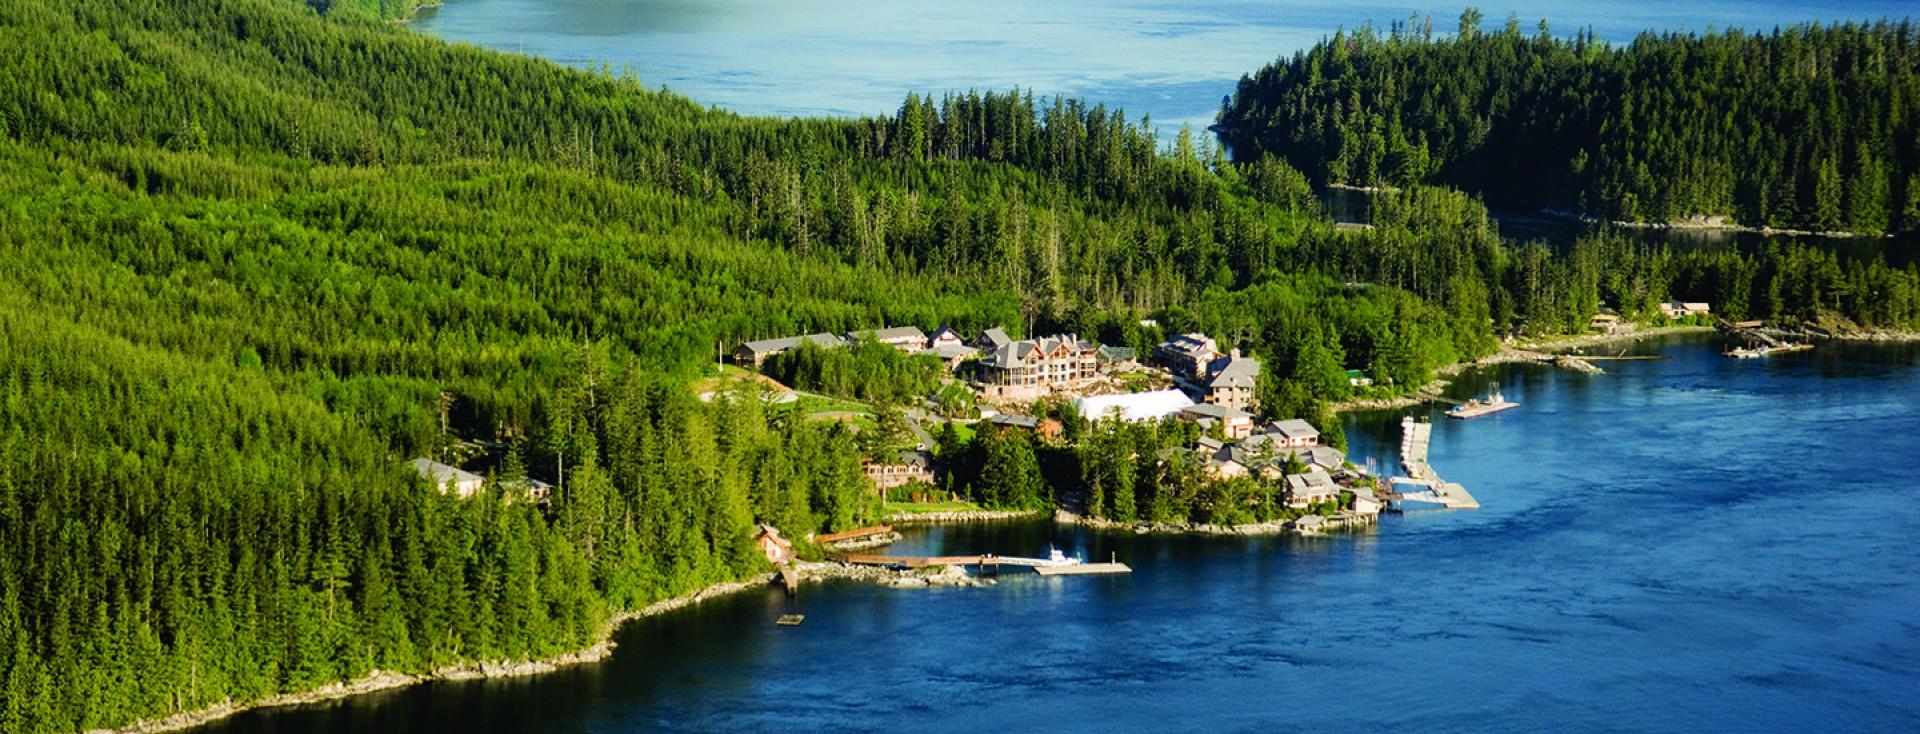 Sonora Resort Sonora Island Bc Canada